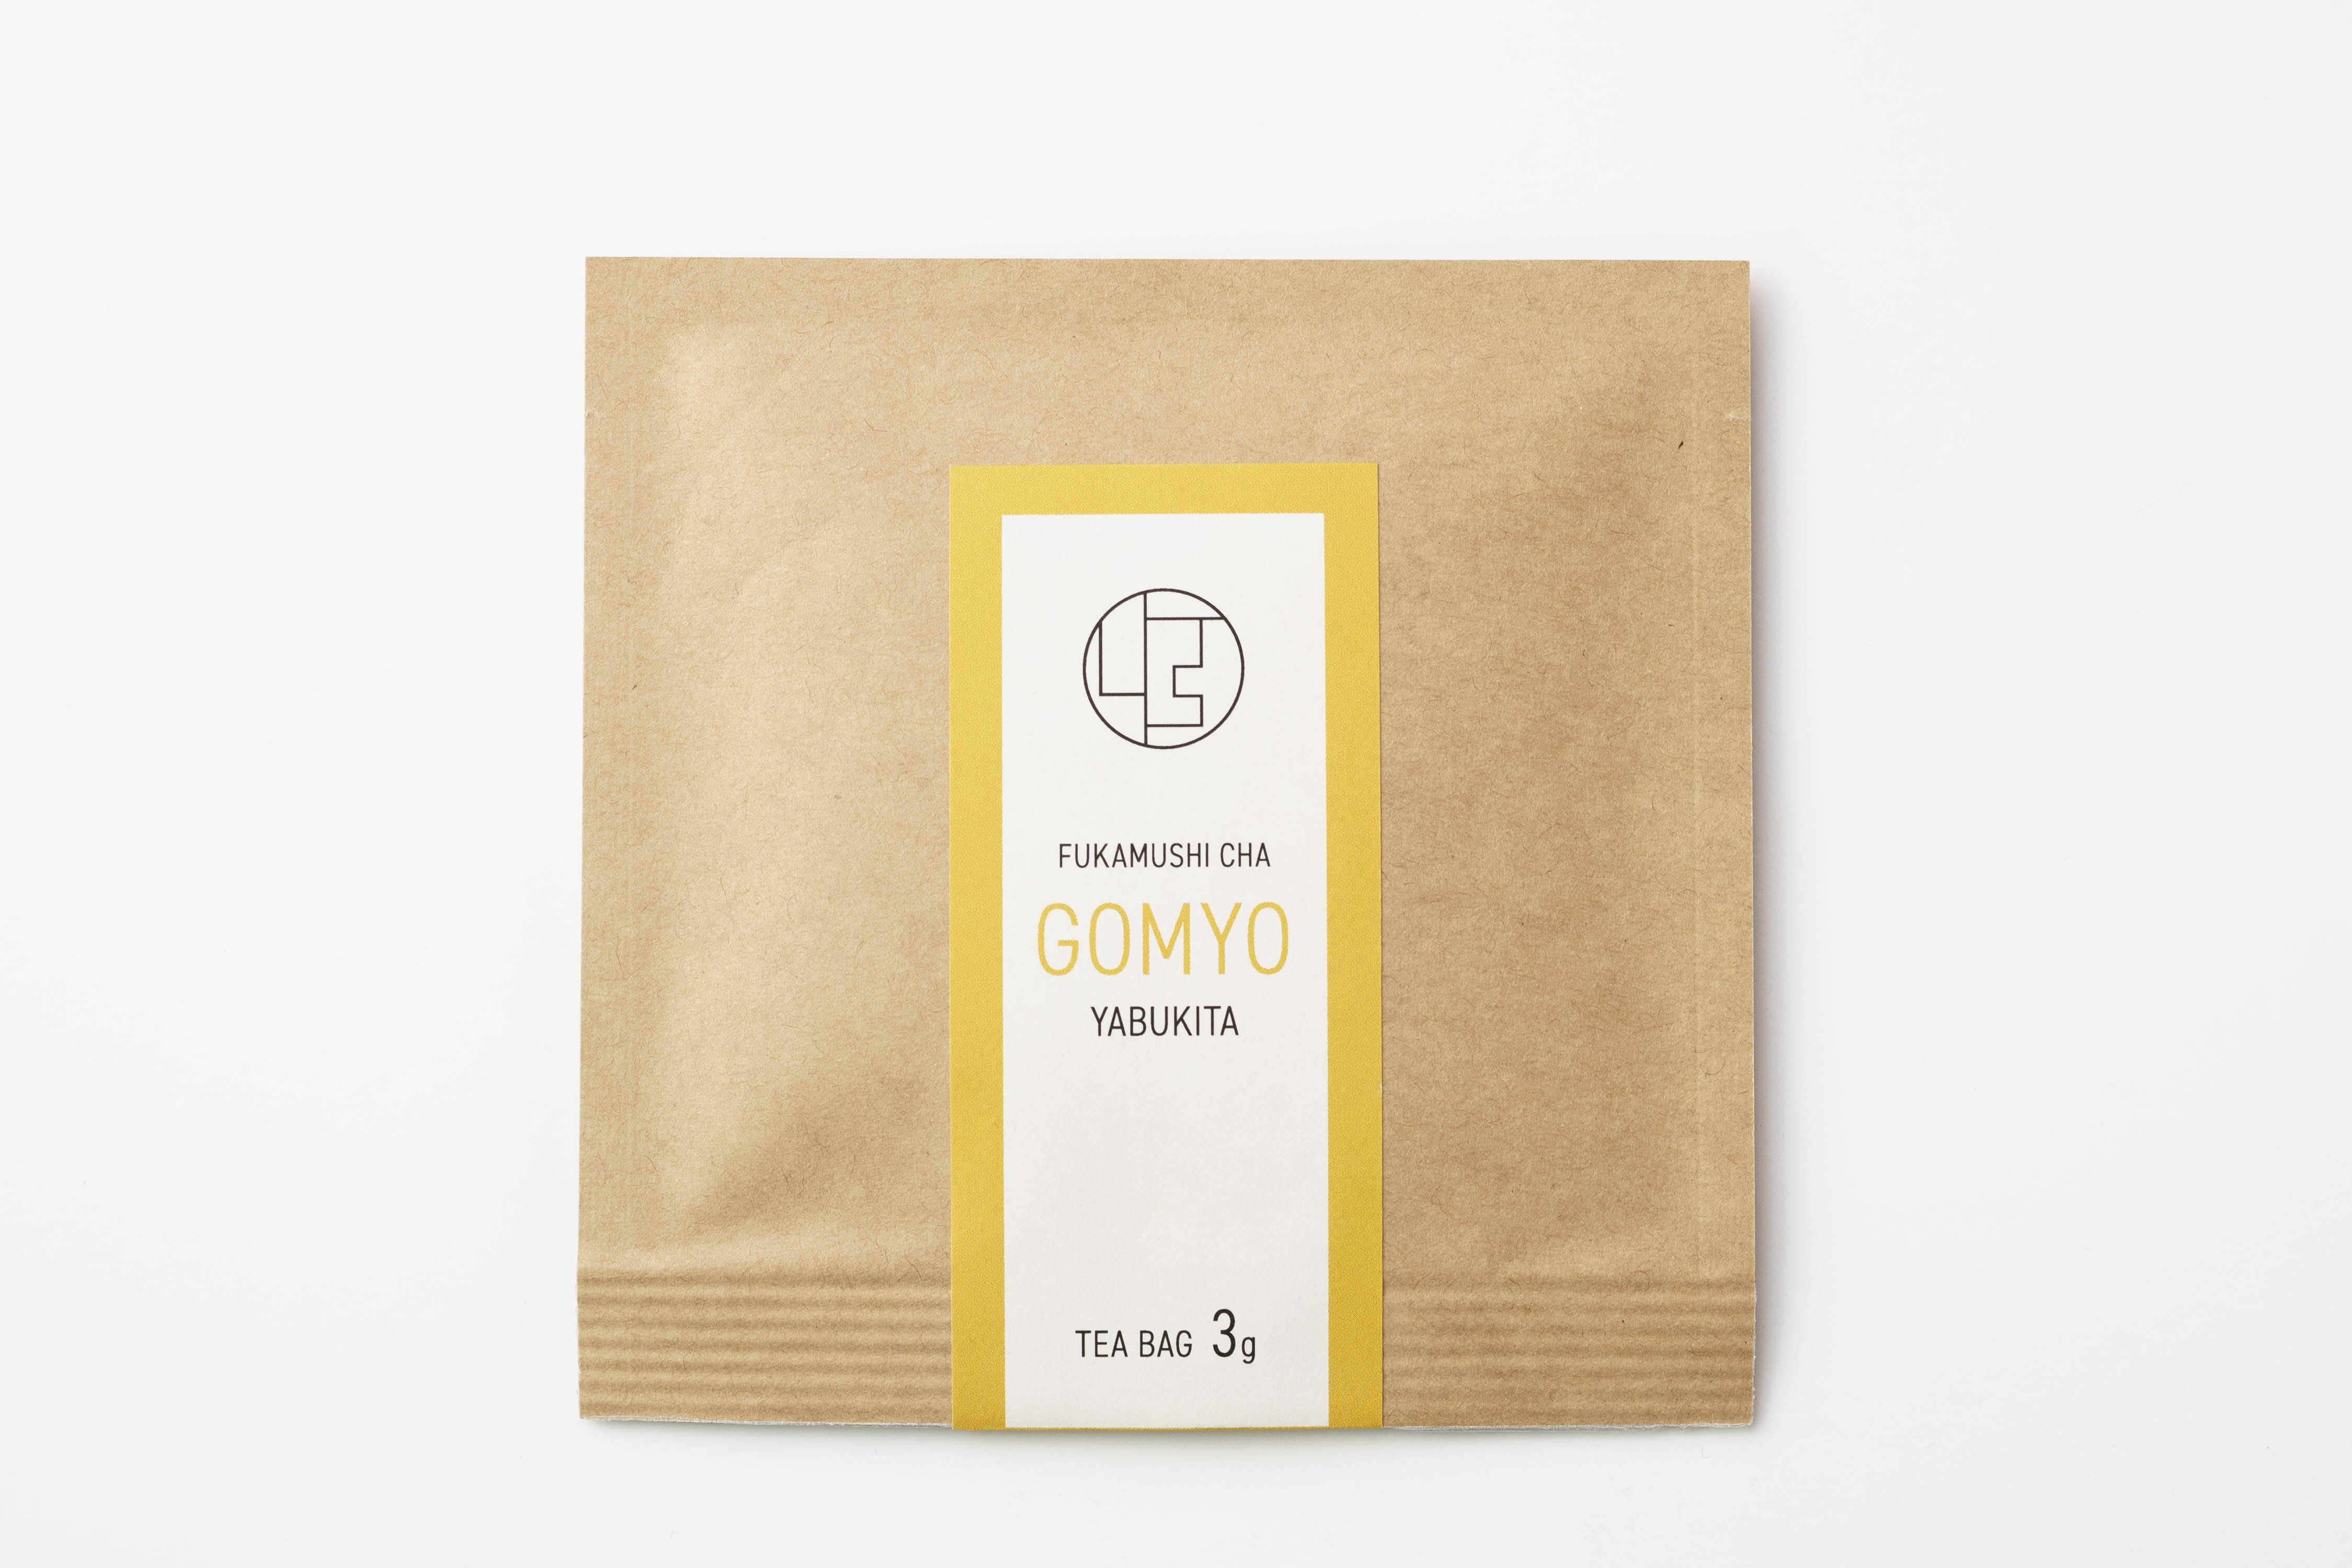 深蒸し茶 ティーバッグ3g(8個入) 五明茶業組合